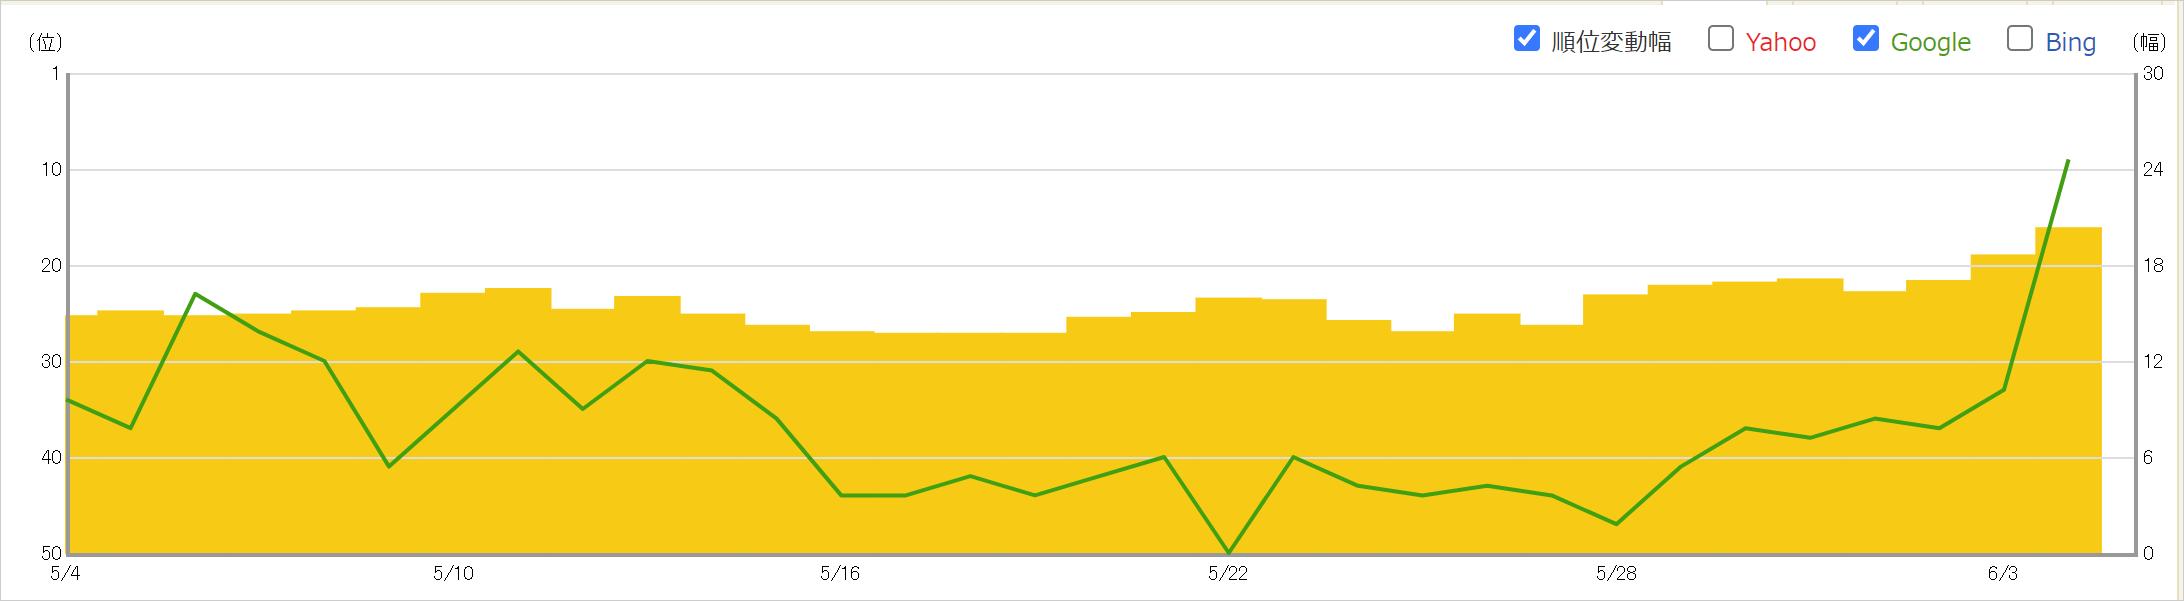 2021年6月3日からのコアアップデートによるキーワードBの順位への影響